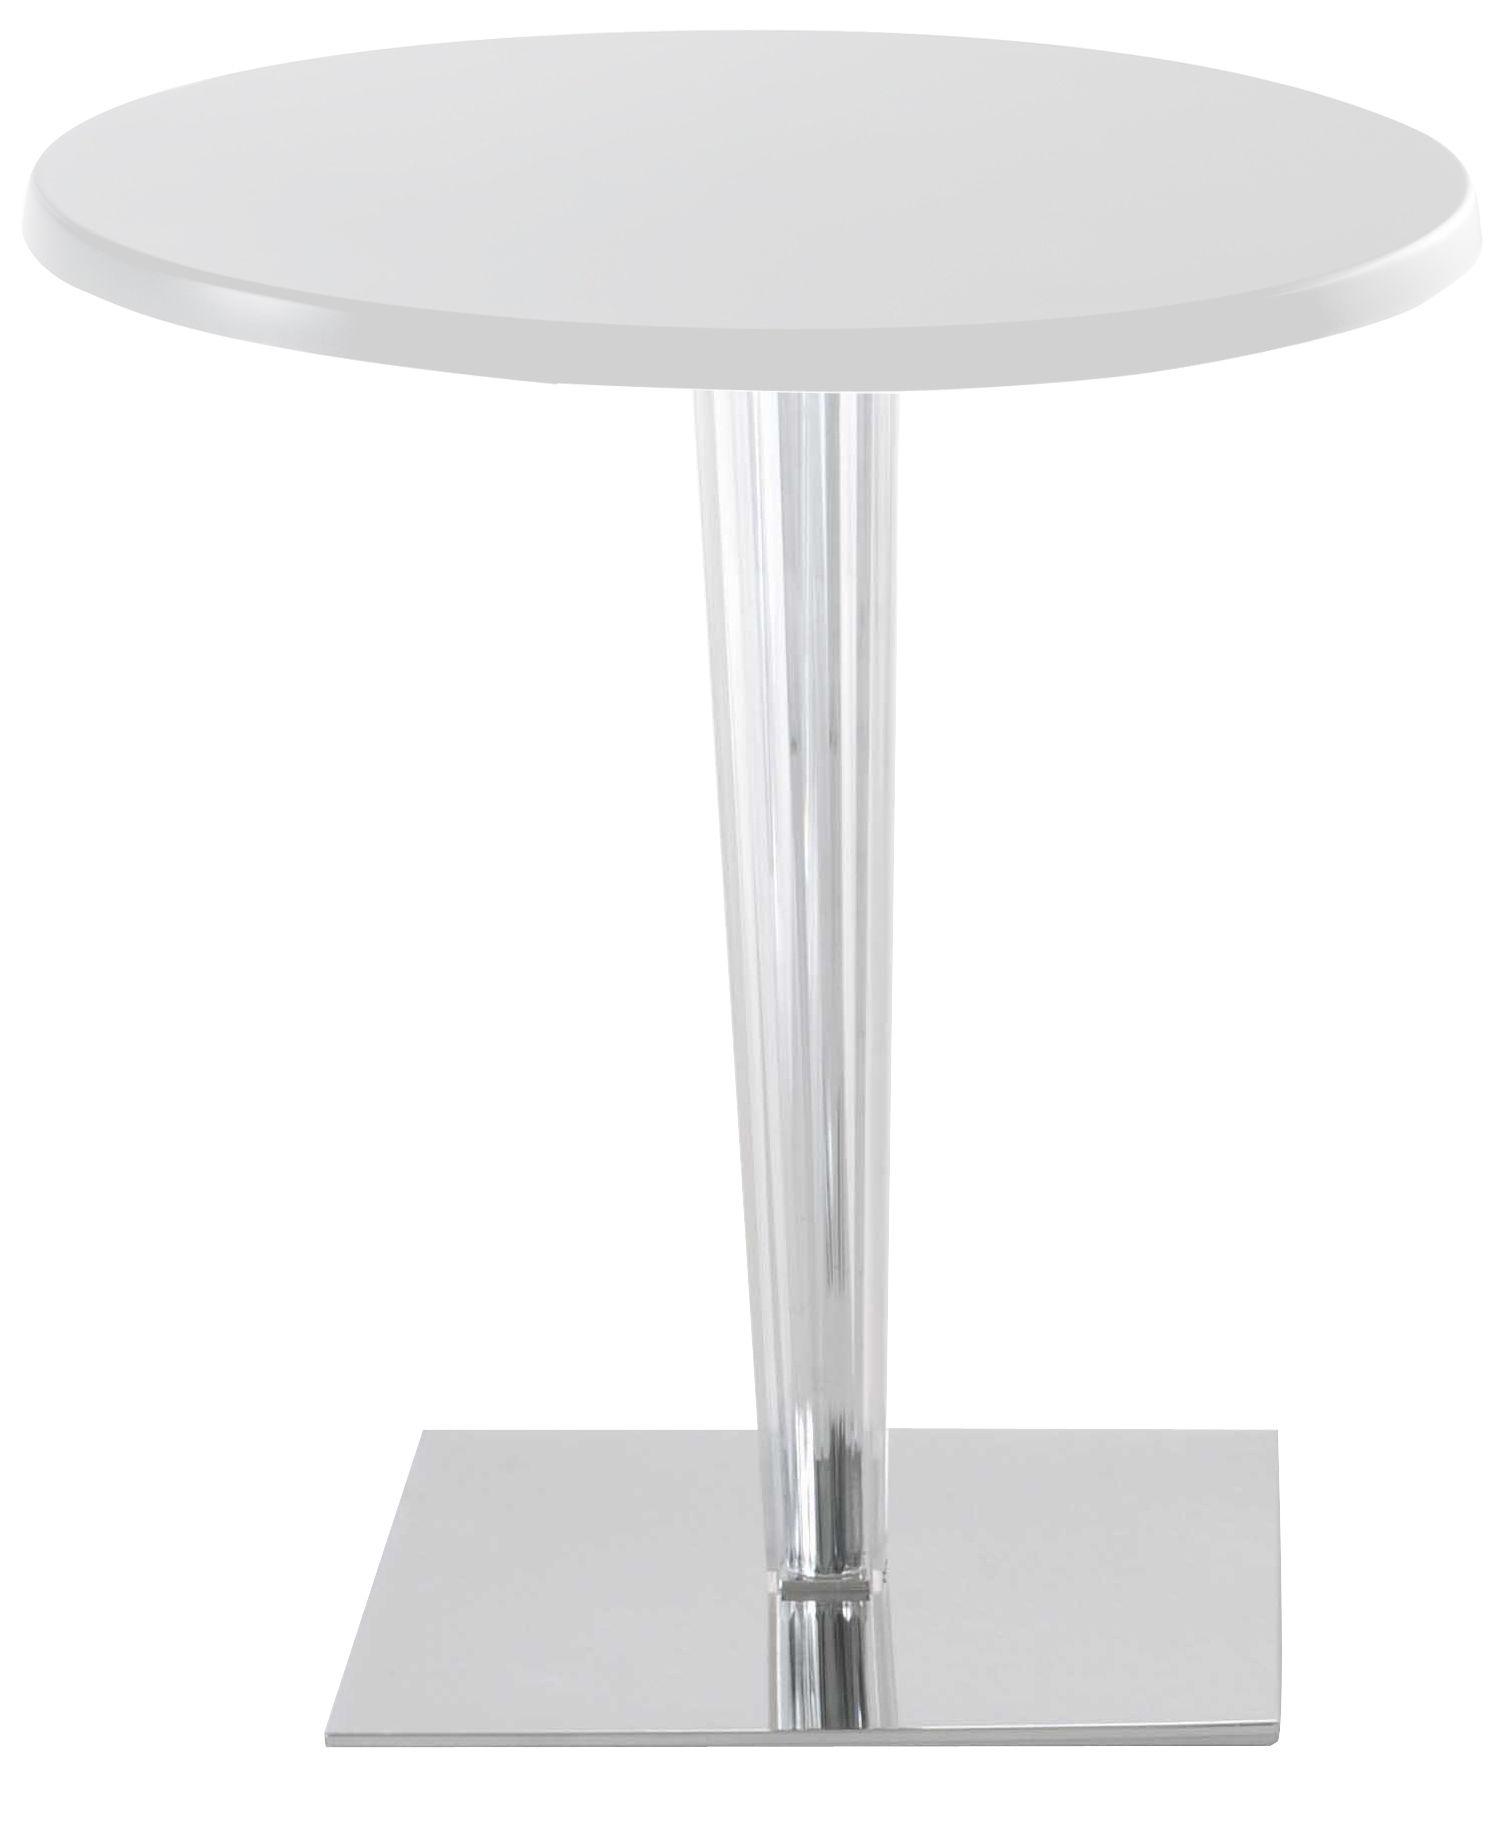 Arredamento - Tavoli - Tavolo rotondo Top Top - Piano laccato rotondo di Kartell - Bianco/ piede quadrato - Alluminio, PMMA, Poliestere laccato